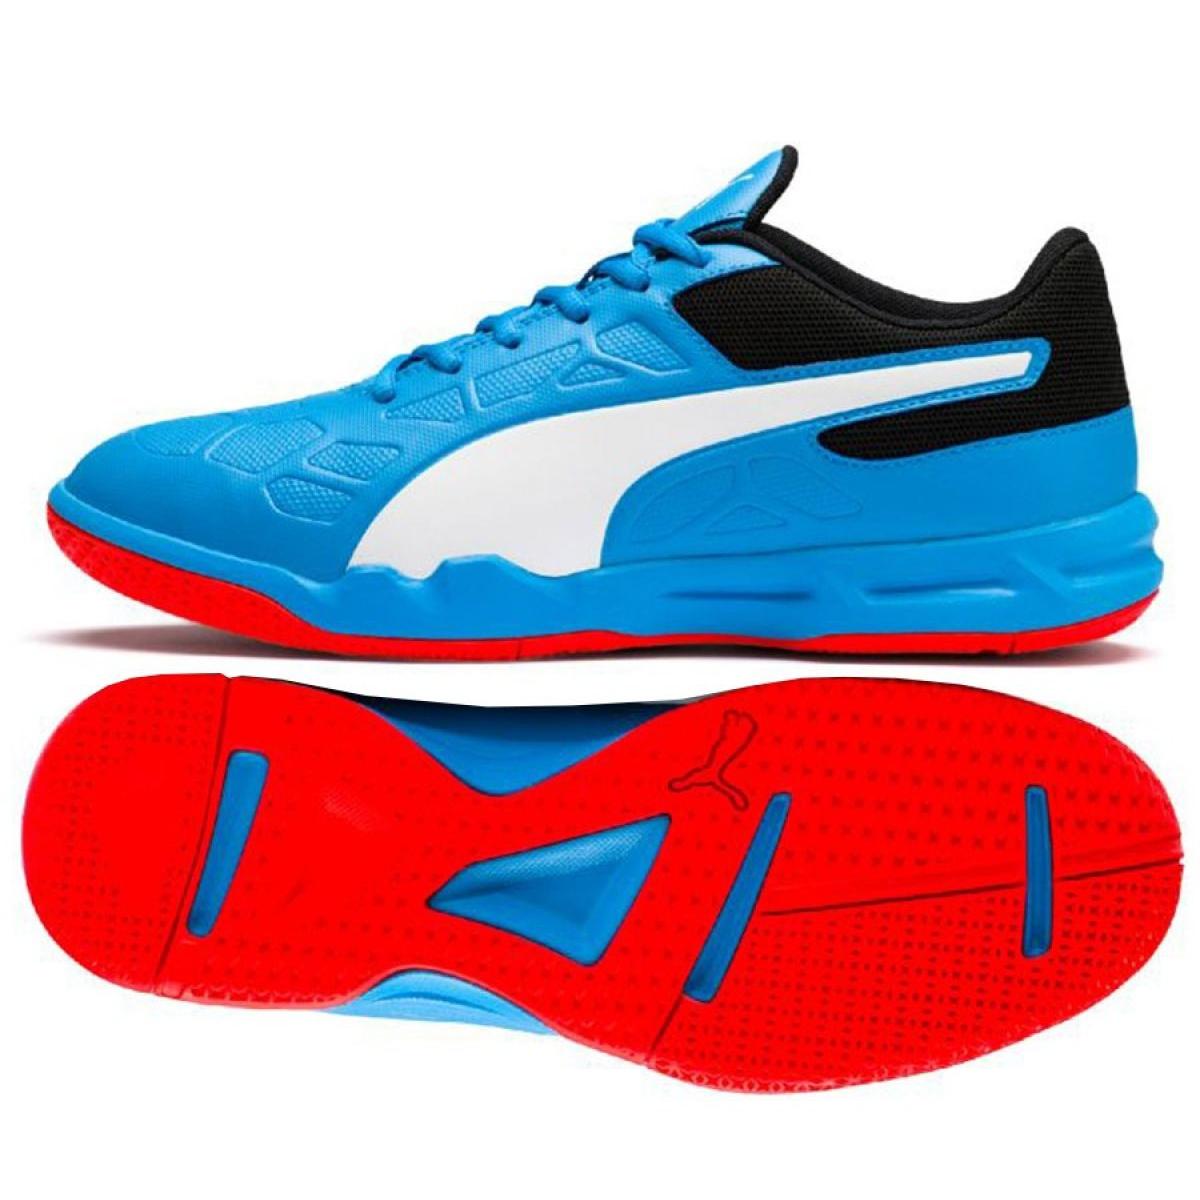 Buty halowe Puma Tenaz Bleu M 104889 06 niebieskie niebieski